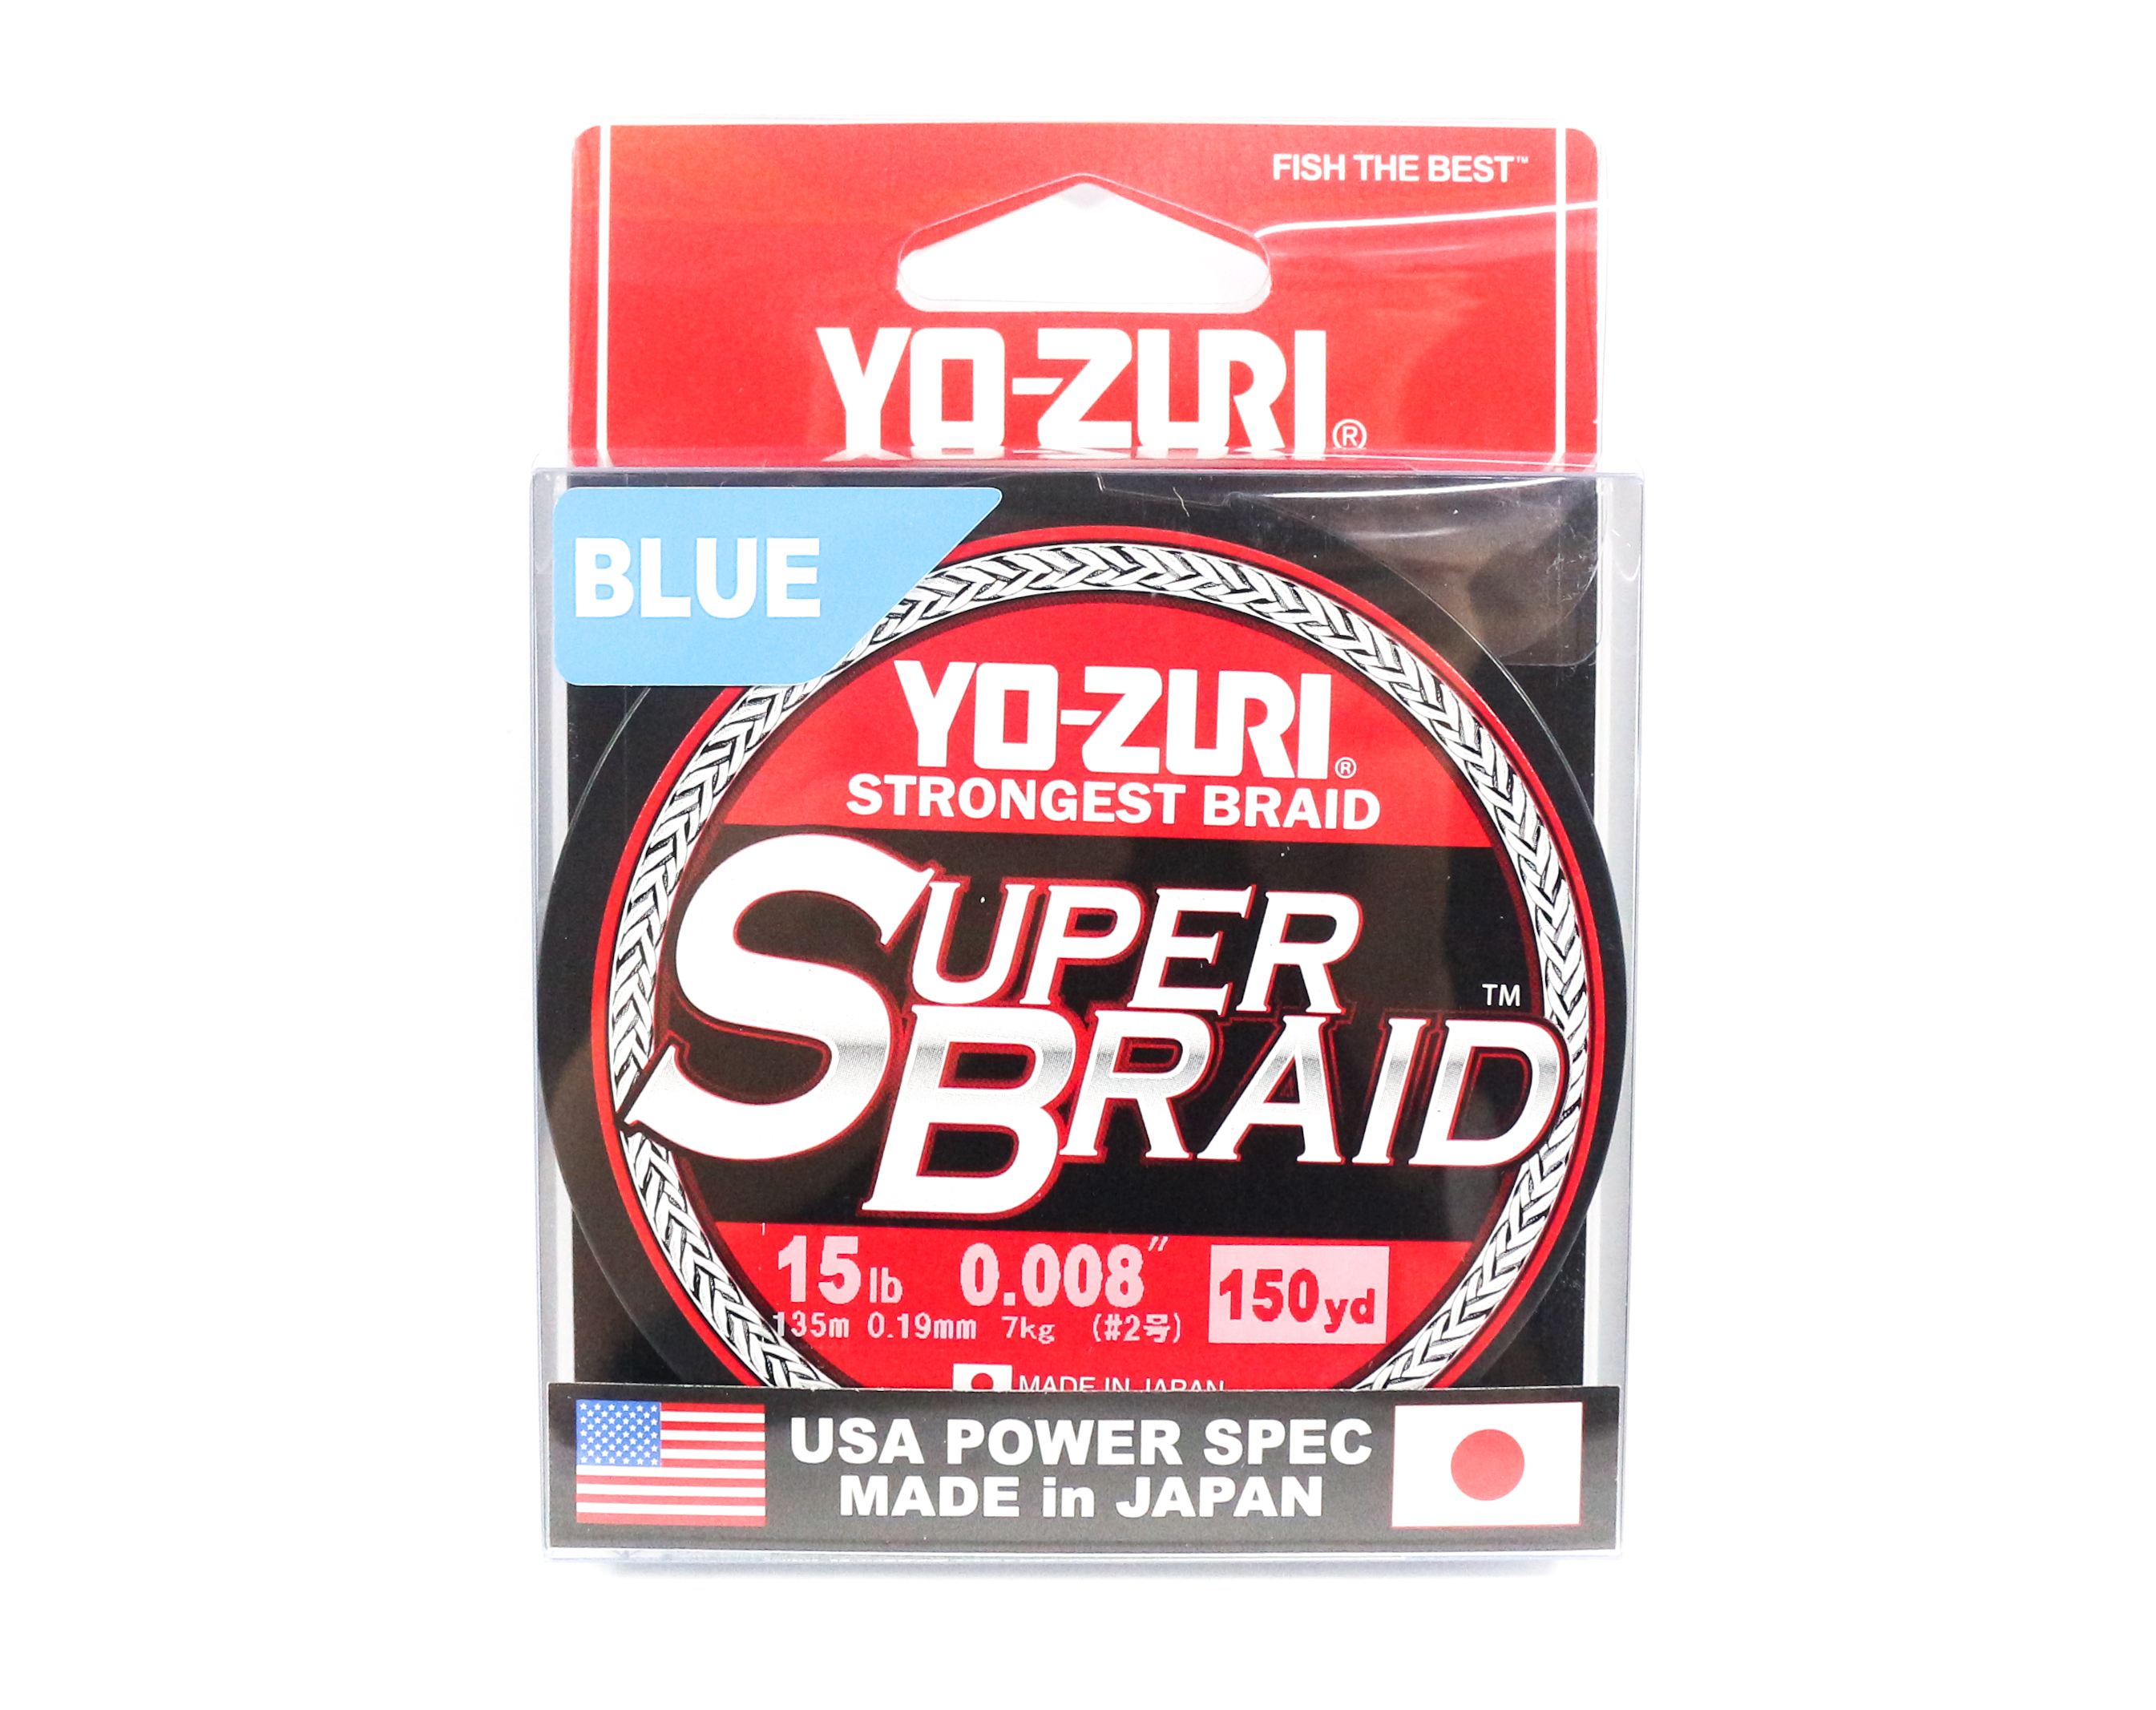 Yo Zuri Duel P.E Line Super Braid 150YDS 15Lbs (0.19mm) Blue R1257-B